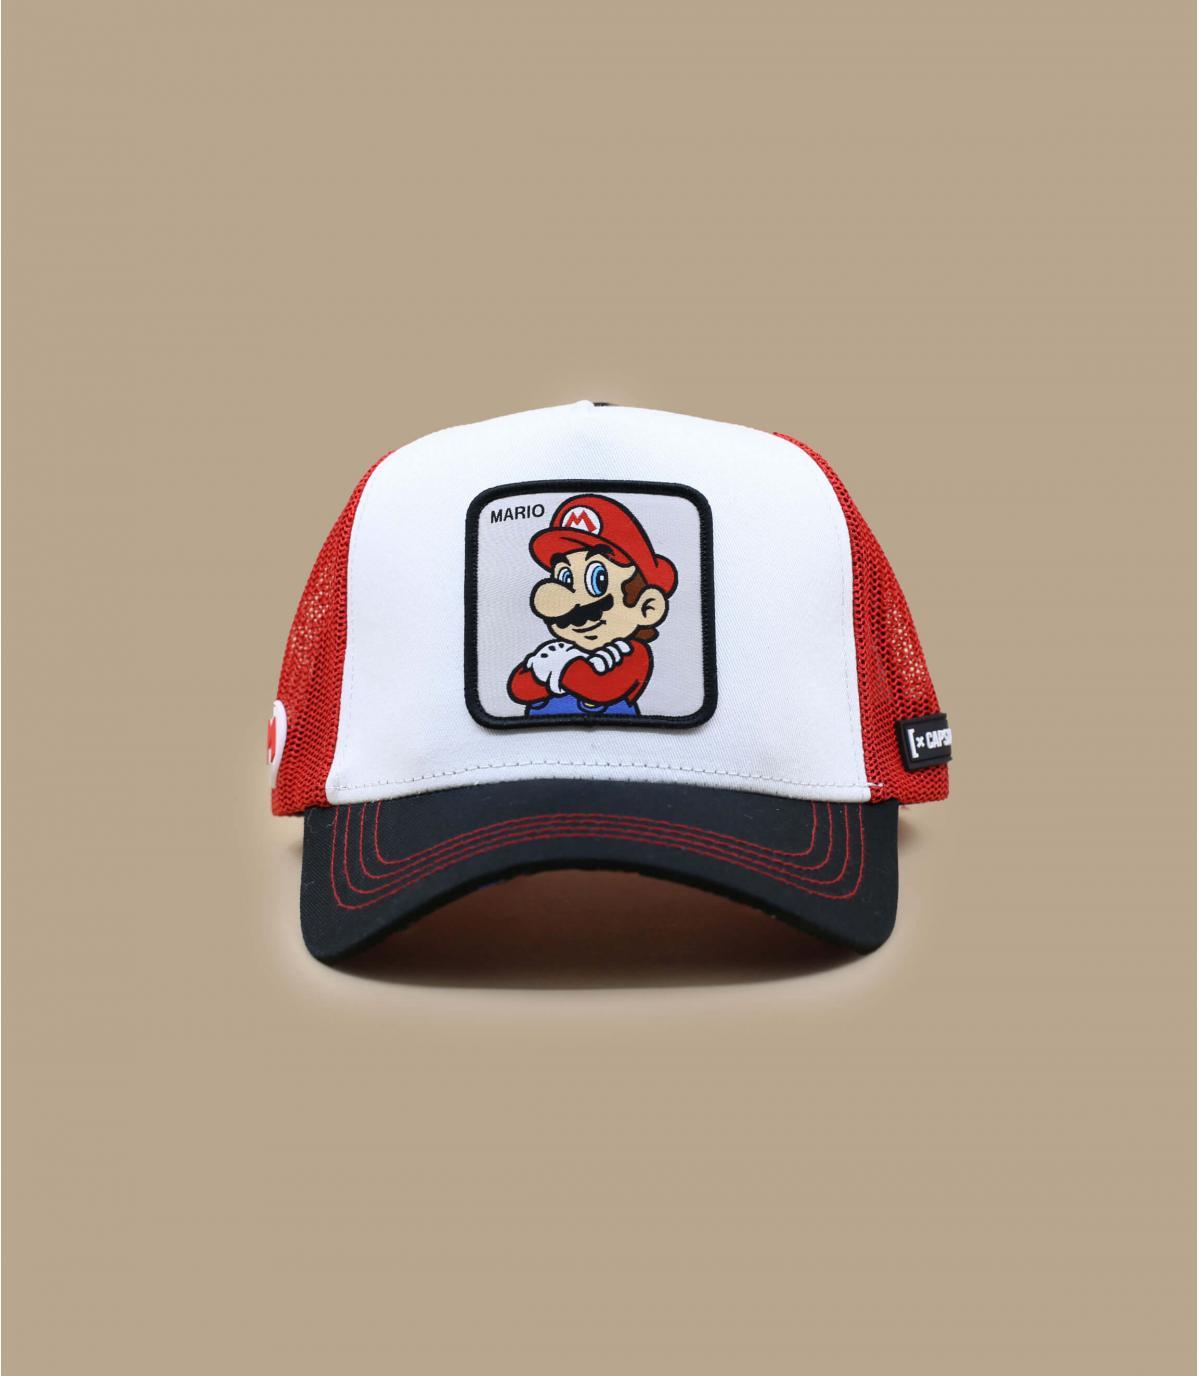 Detalles Trucker Mario imagen 2